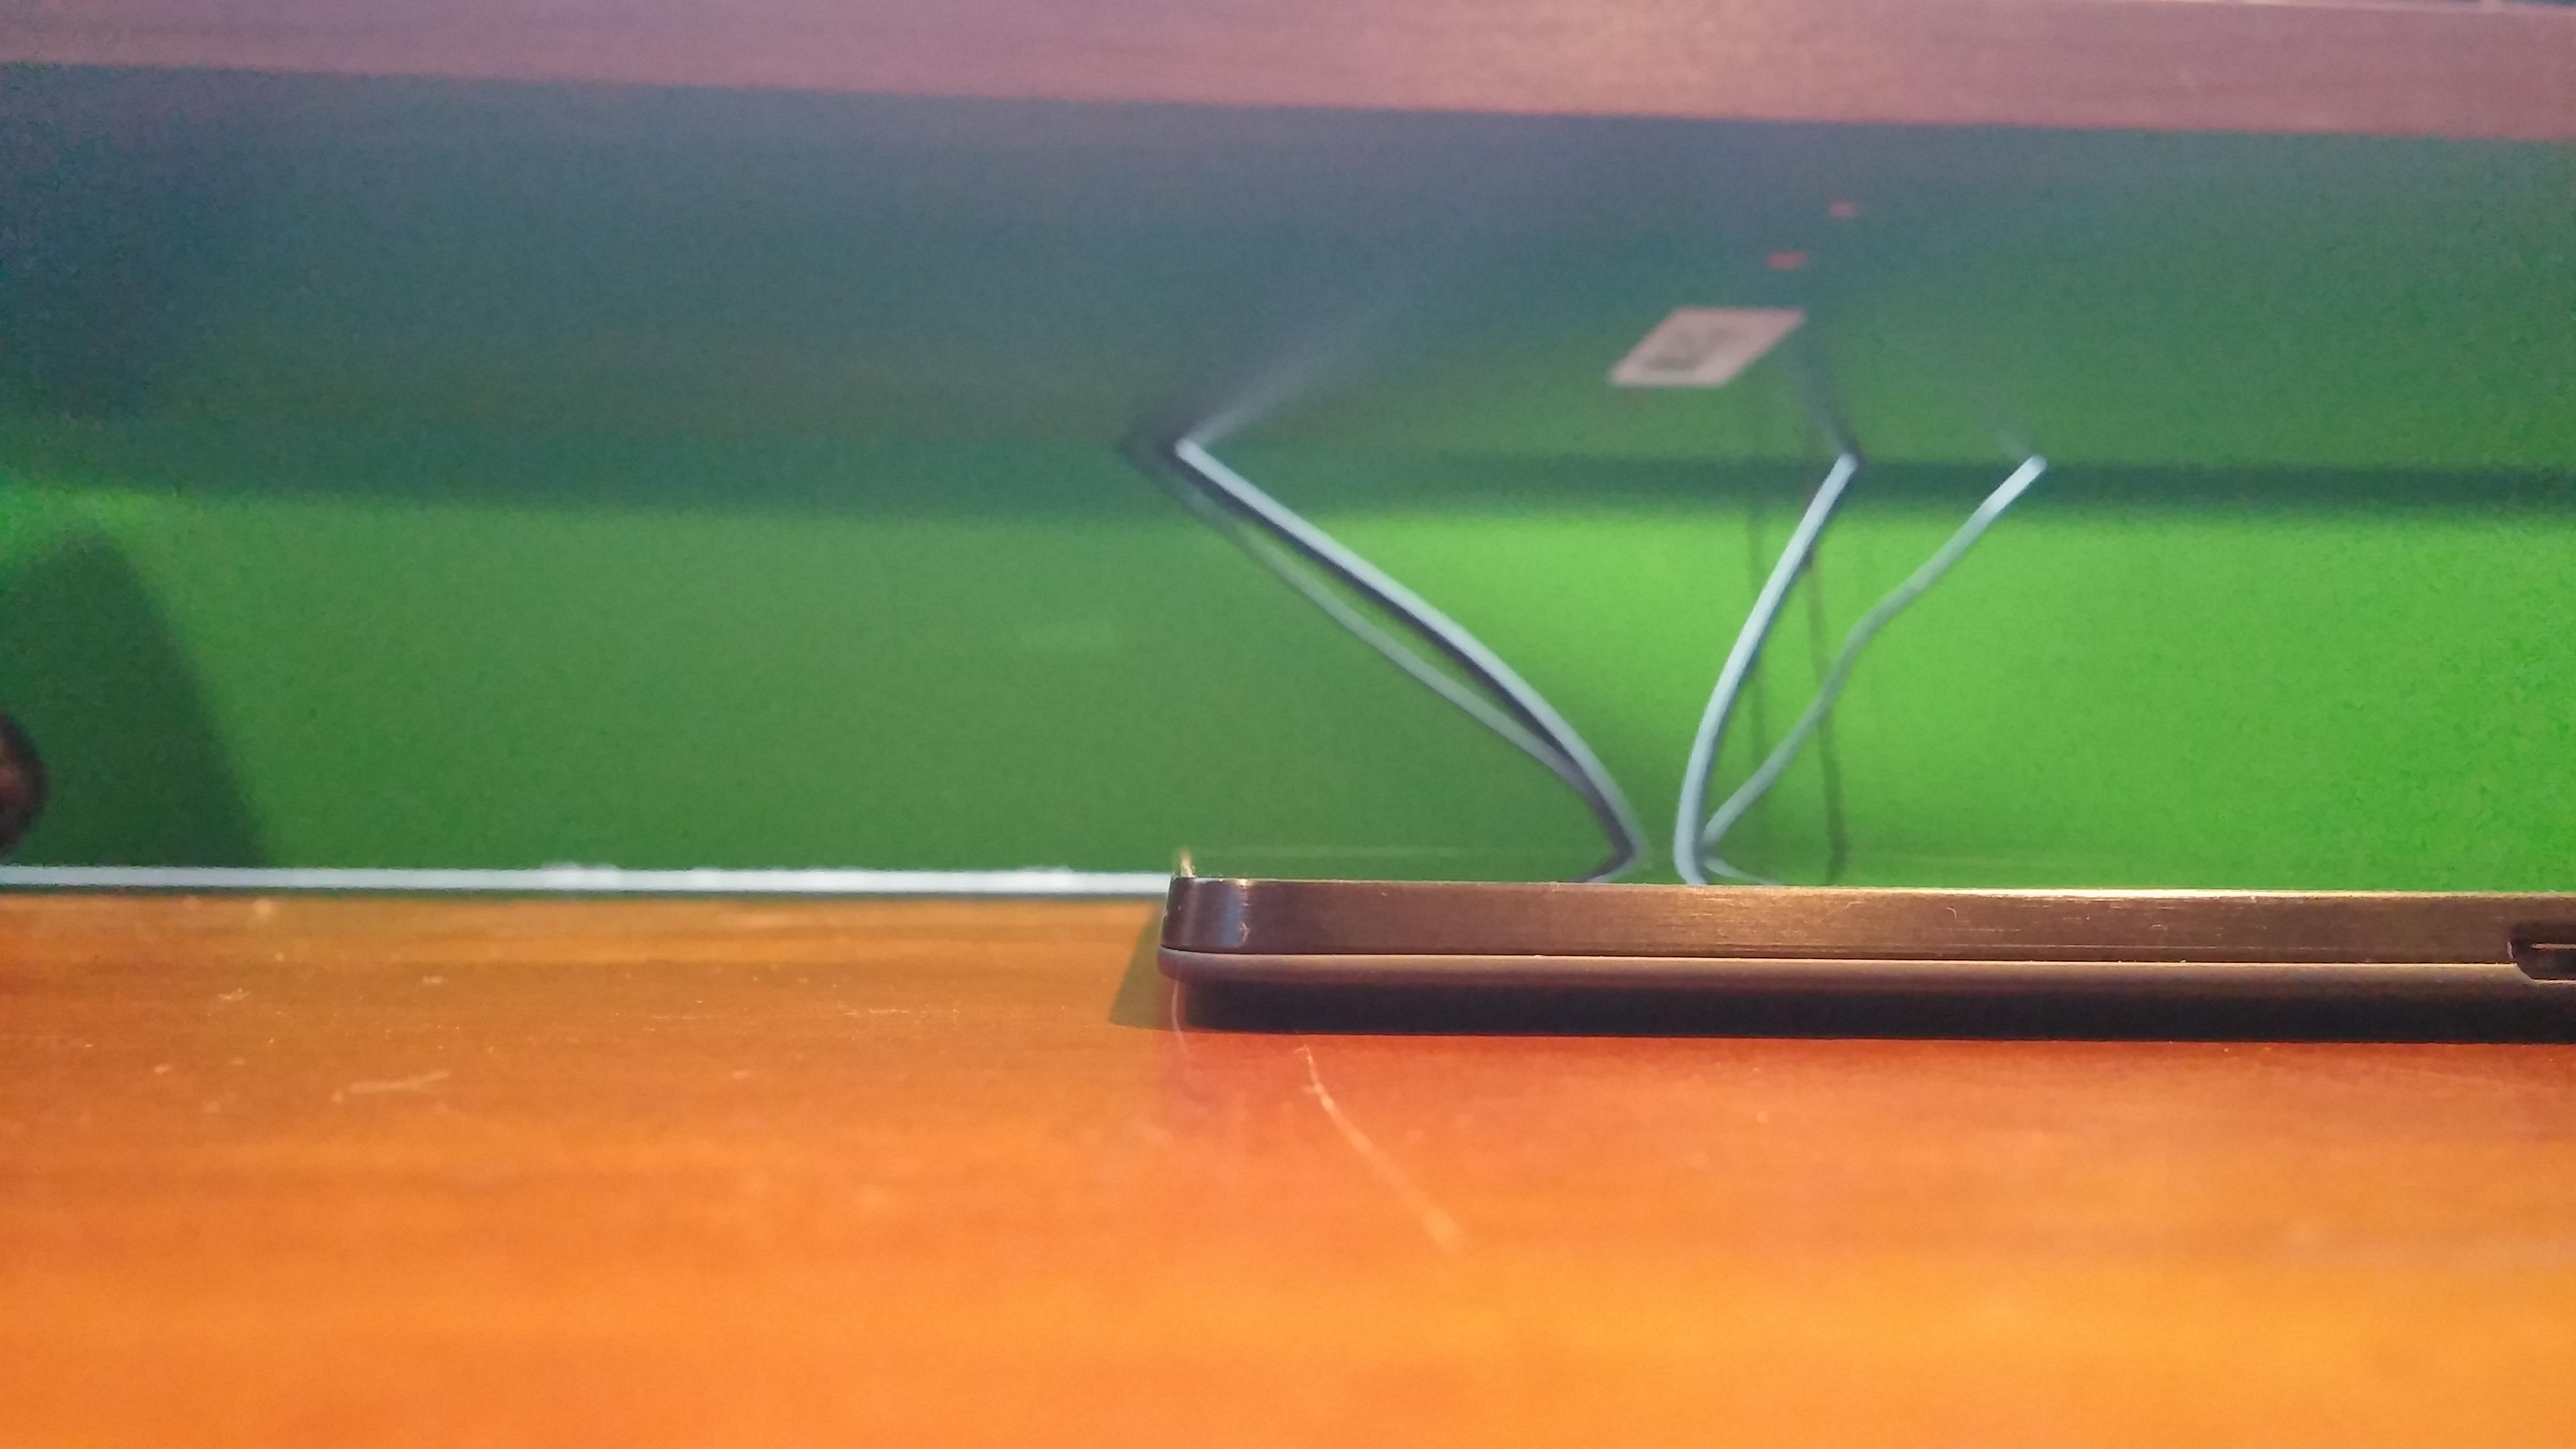 Nexus 9 edge